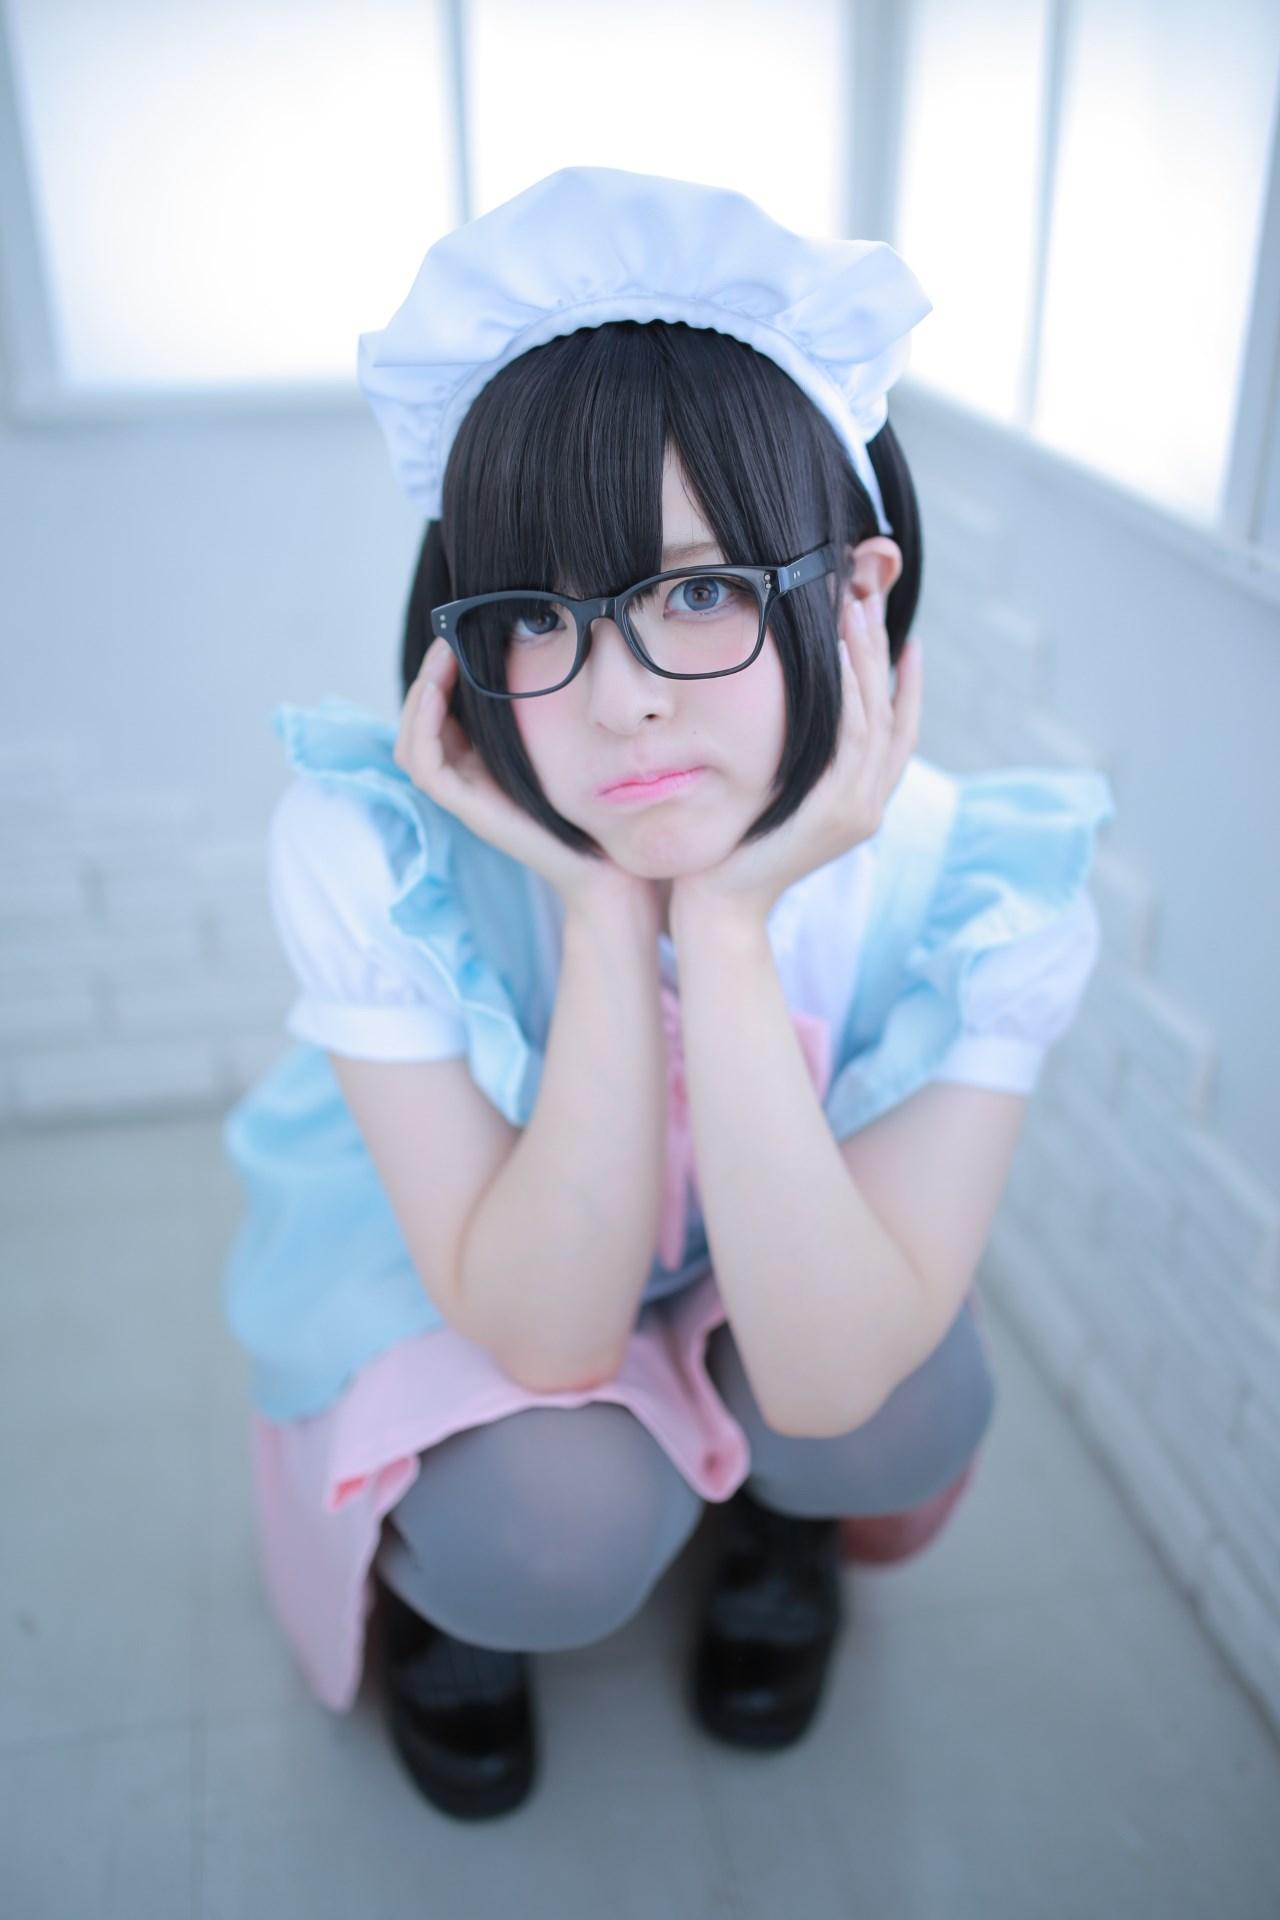 【兔玩映画】眼镜女仆 兔玩映画 第64张